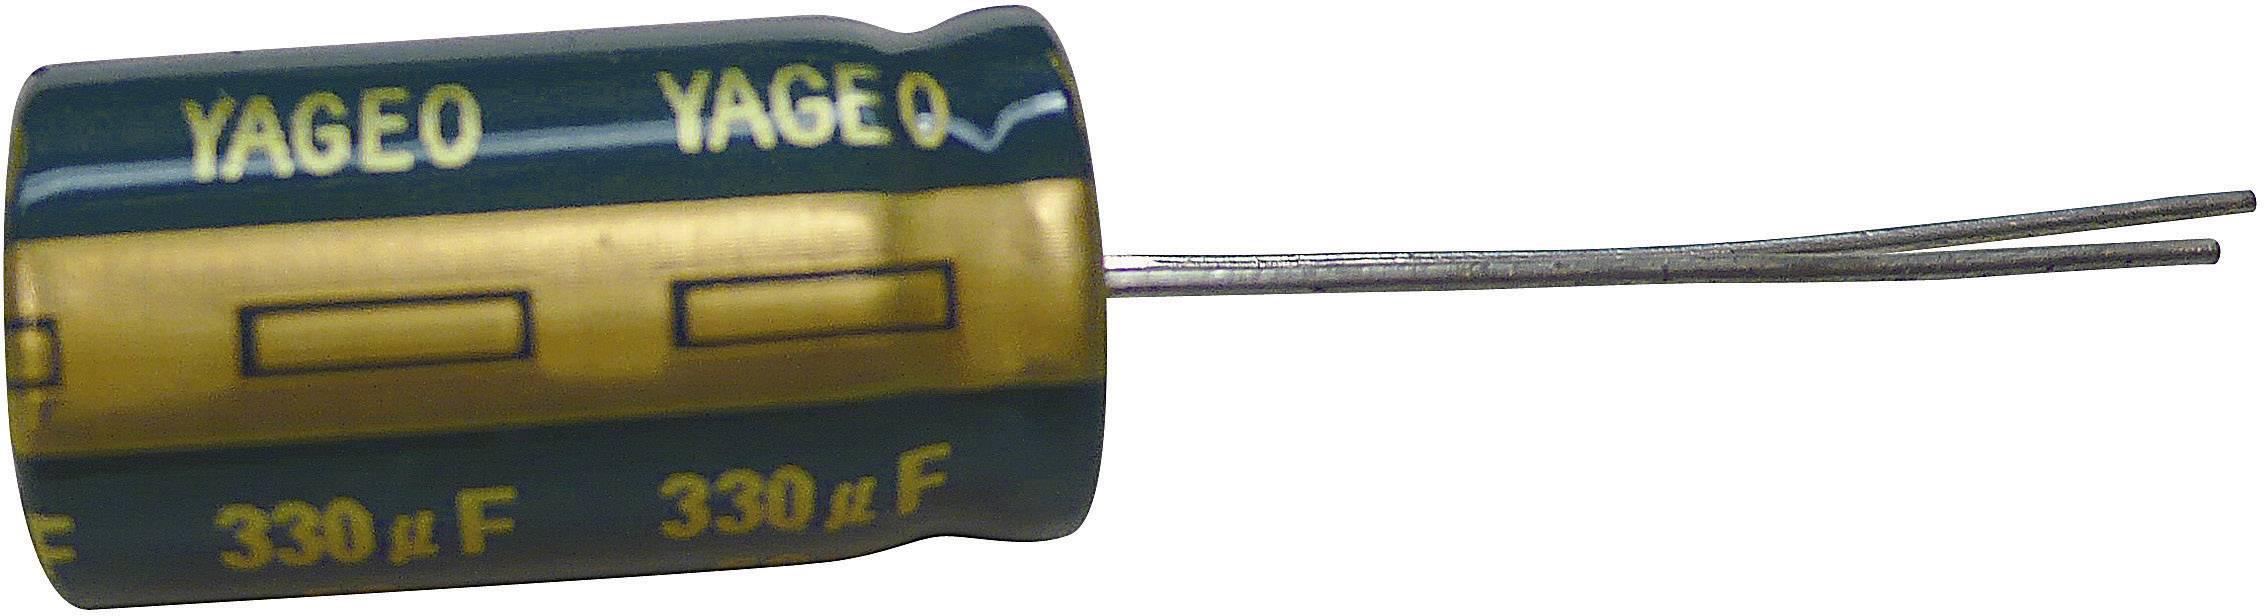 Kondenzátor elektrolytický Yageo SY035M2700B7F-1636, 2700 mF, 35 V, 20 %, 36 x 16 mm